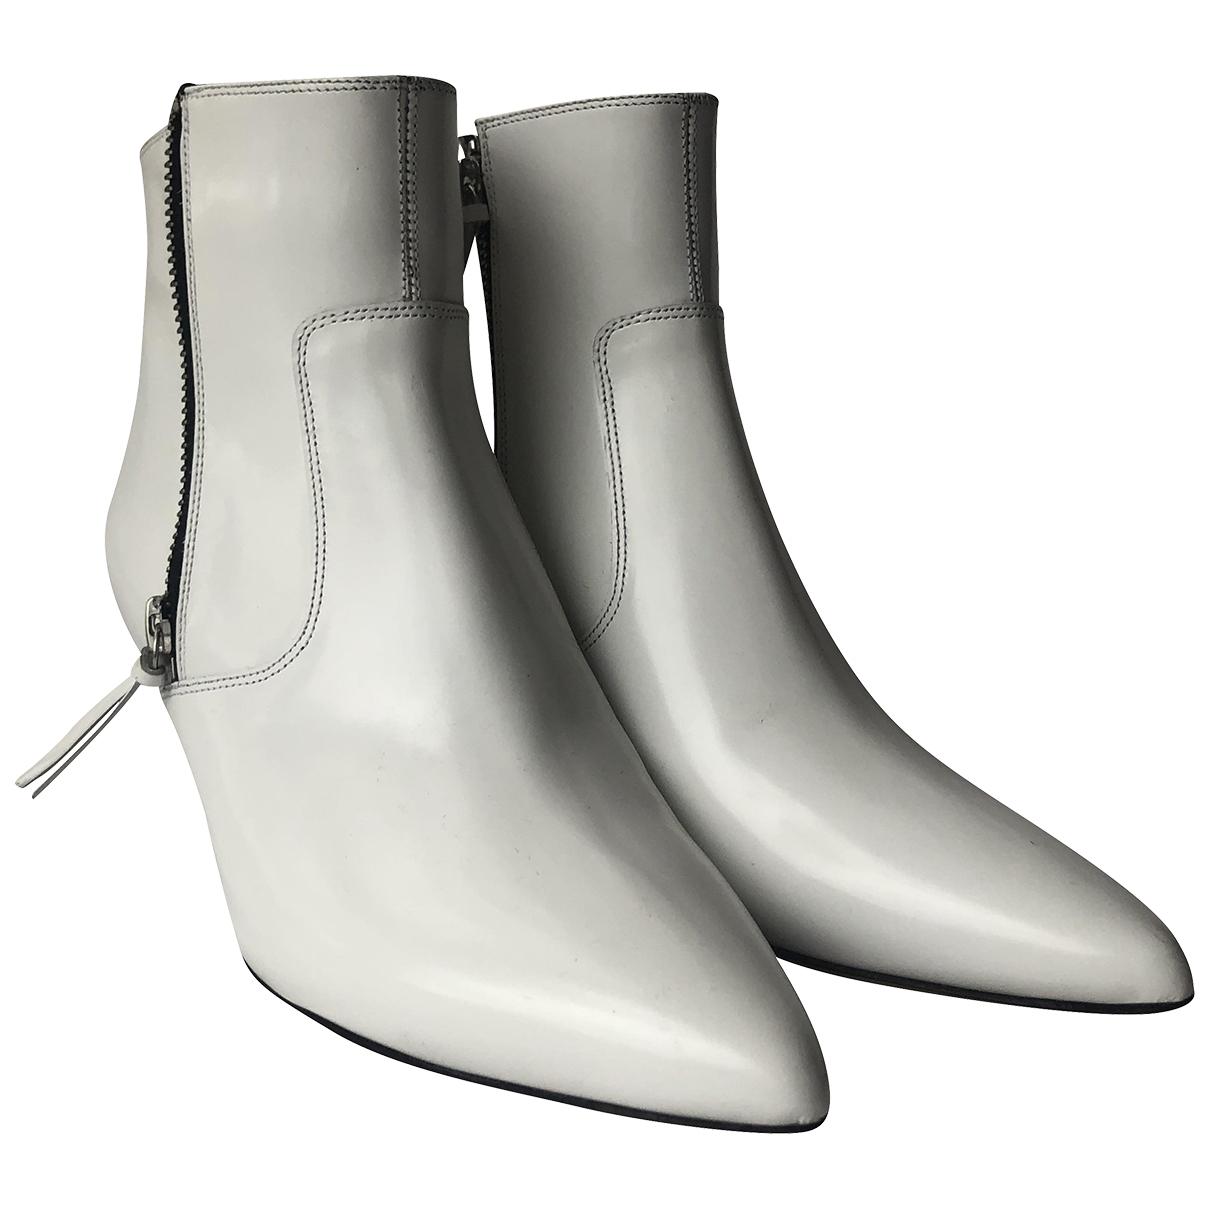 Isabel Marant - Boots   pour femme en cuir verni - blanc